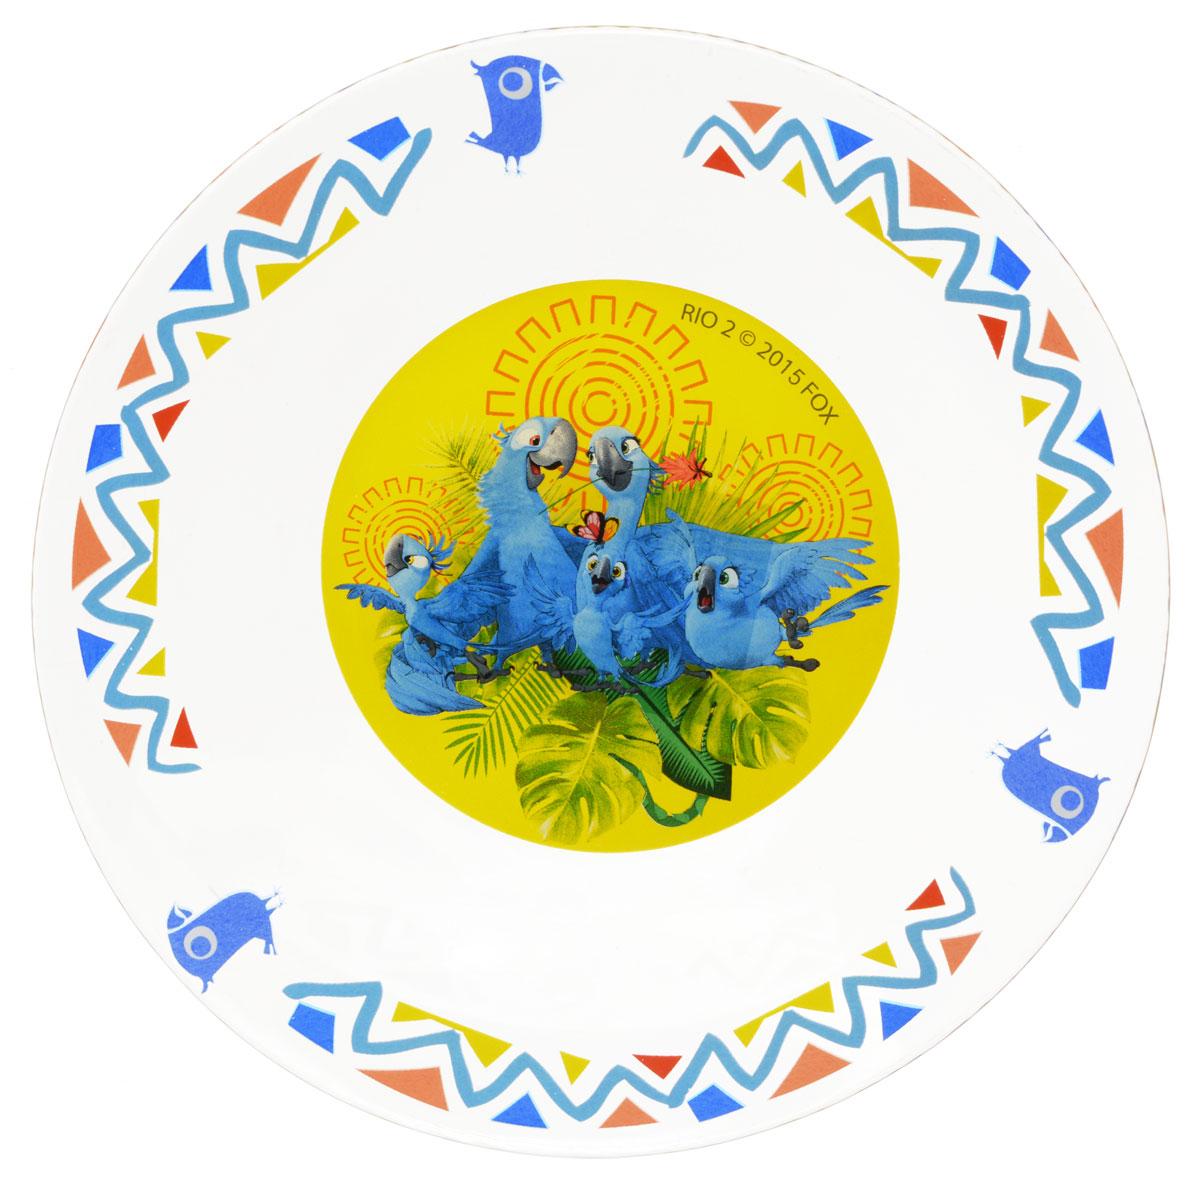 Рио Тарелка детская диаметр 19,5 см11135202Яркая тарелка Рио идеально подойдет для кормления малыша и самостоятельного приема им пищи. Тарелка выполнена из стекла и оформлена высококачественным изображением героев мультфильма Рио-2.Такой подарок станет не только приятным, но и практичным сувениром, добавит ярких эмоций вашему ребенку! Не подходит для использования в посудомоечной машине.